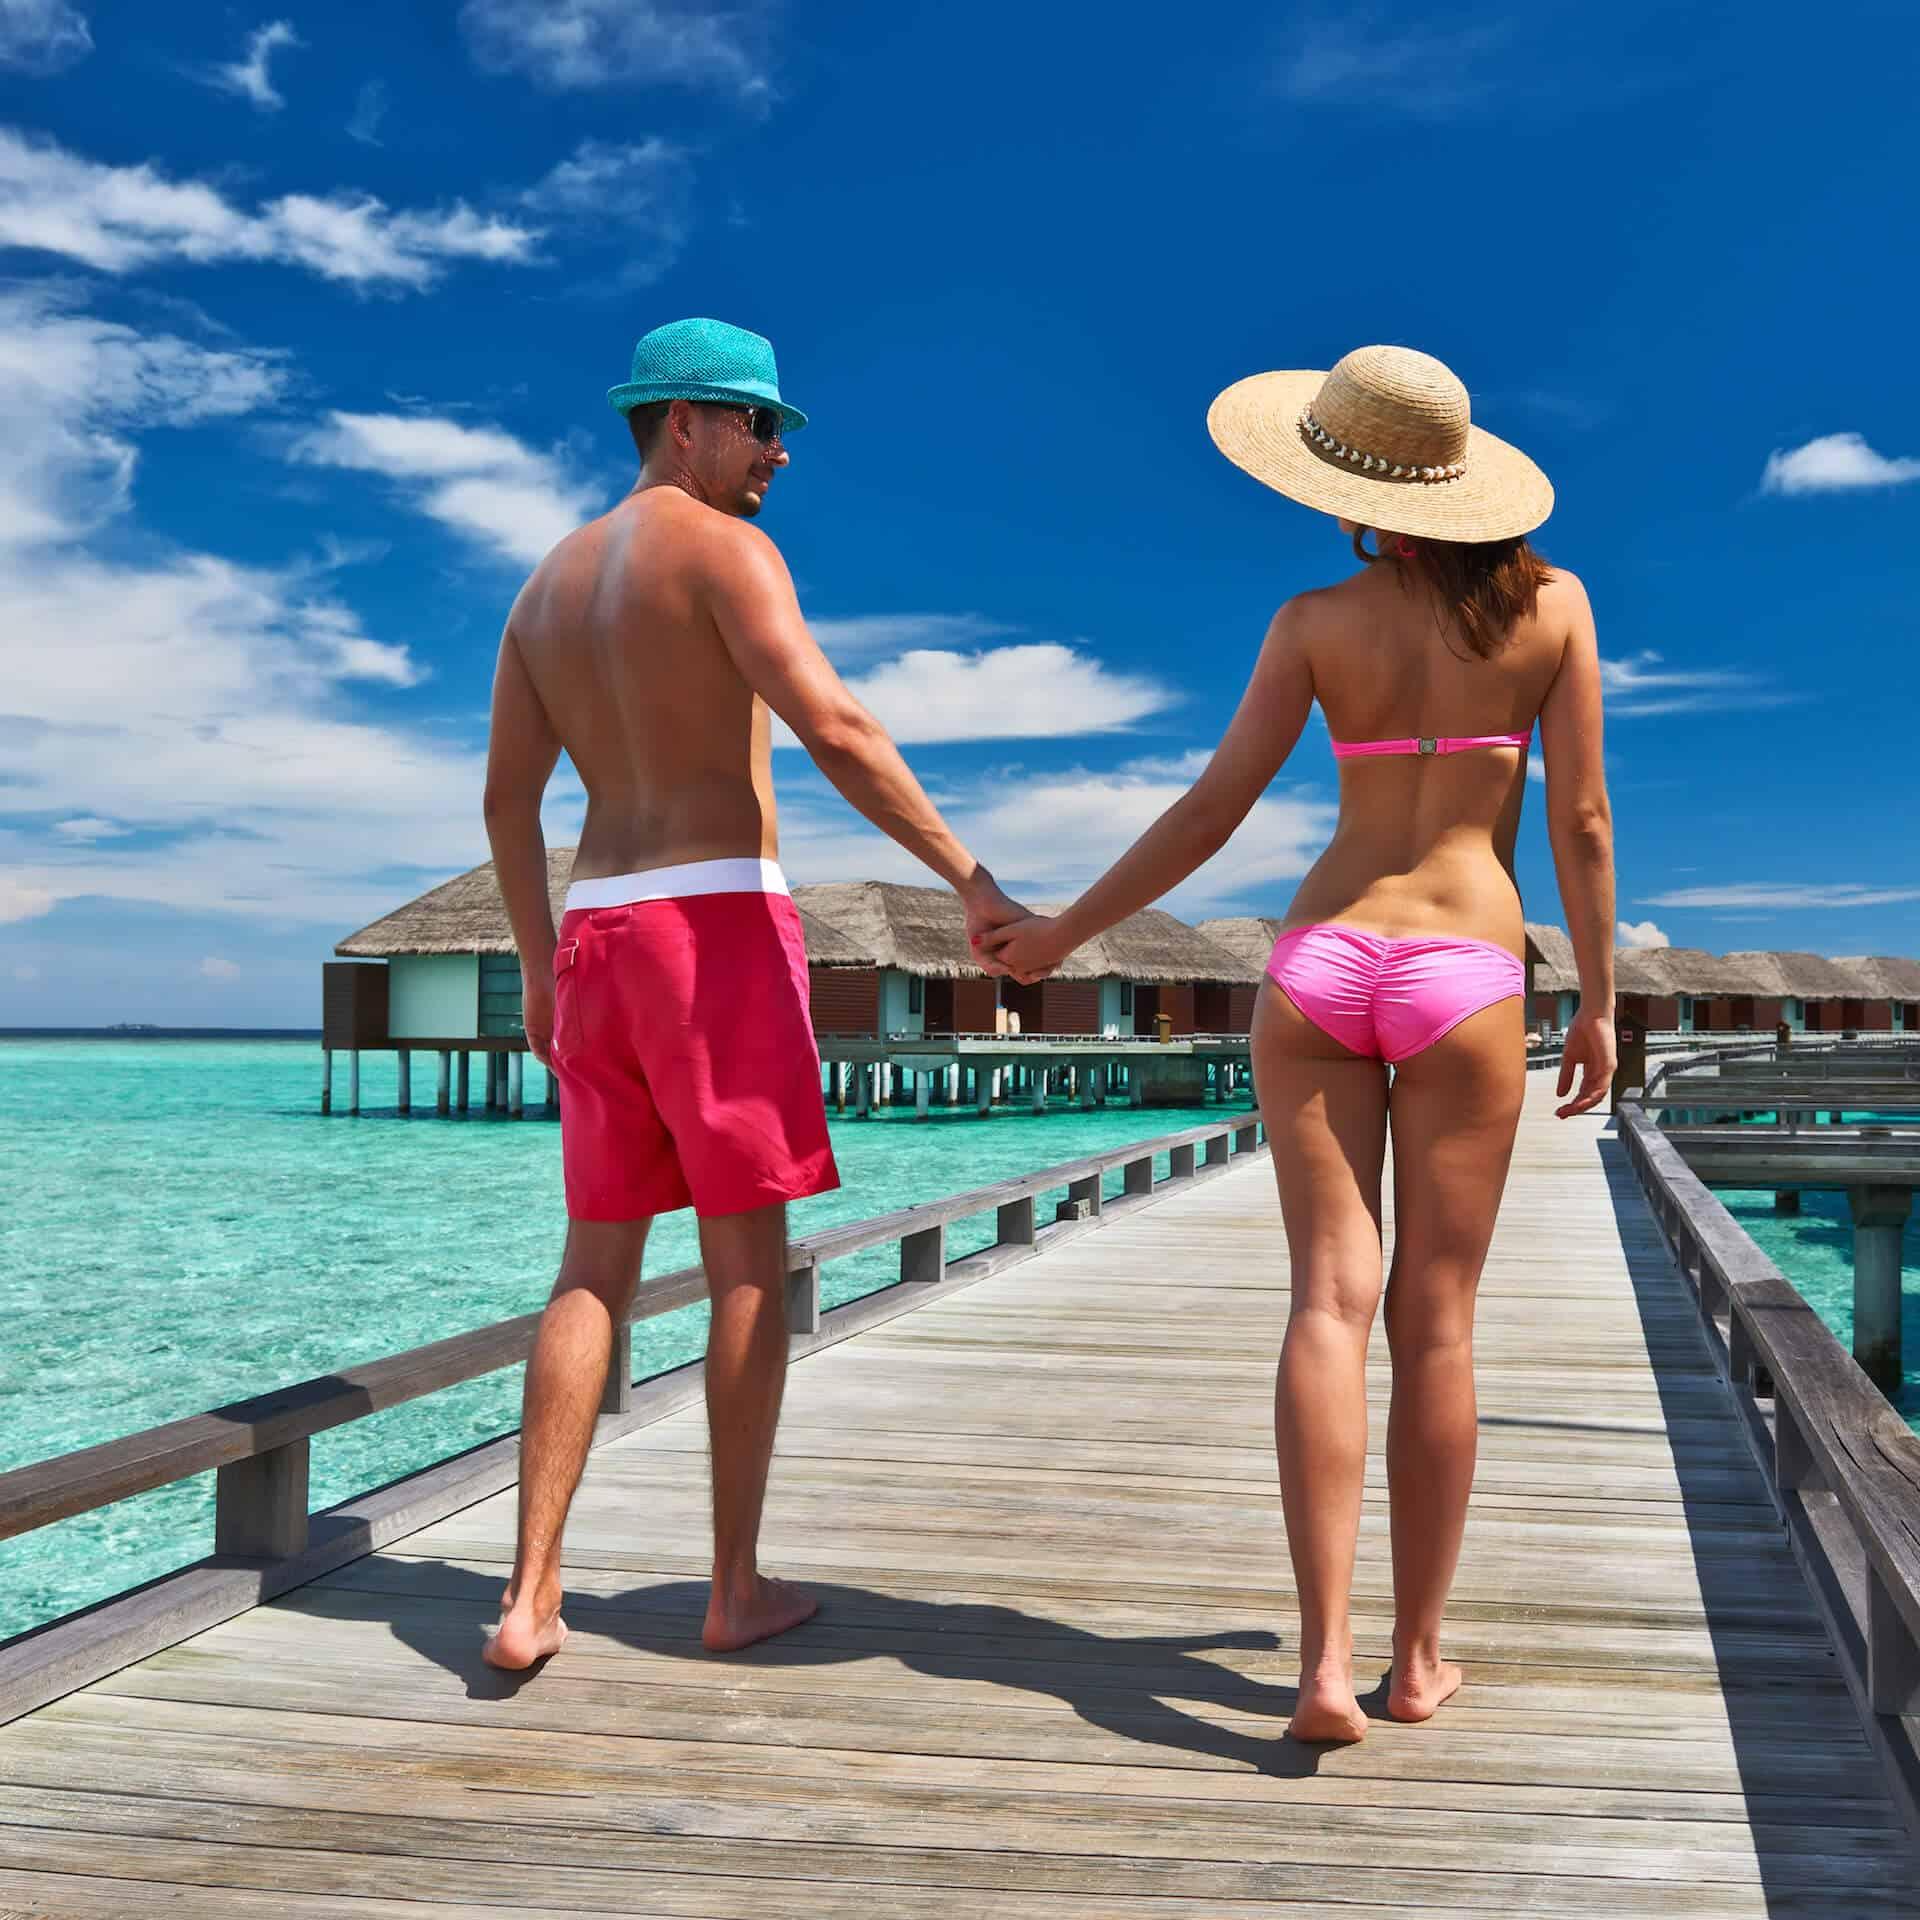 Novomanželský pár na líbánkách na ostrově Maledivy